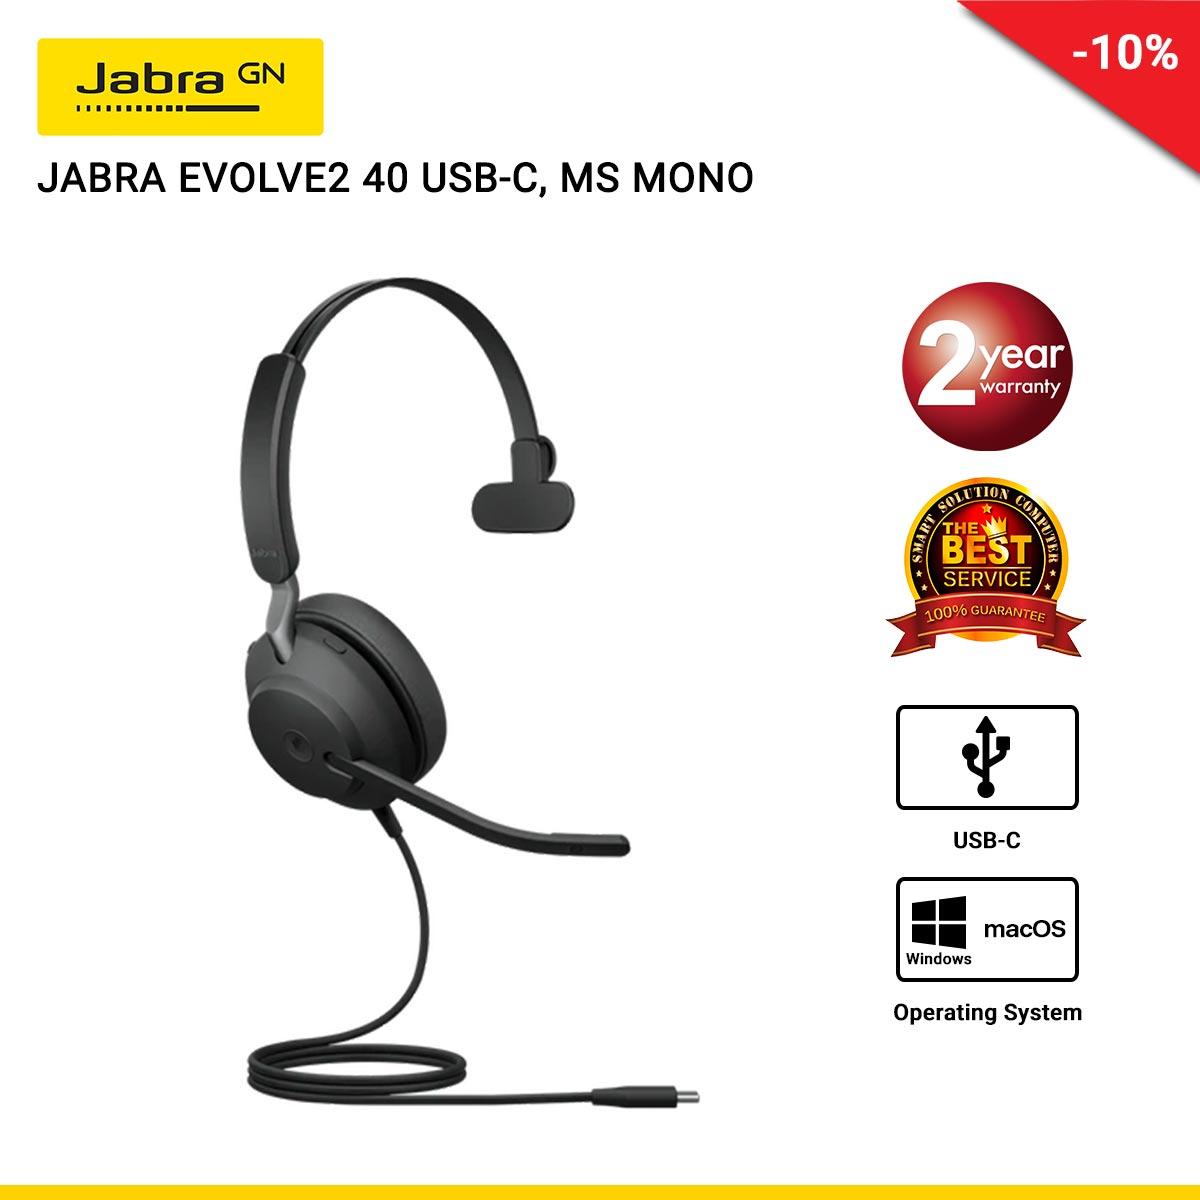 JABRA EVOLVE2 40 USB-C, MS MONO (-JBA-24089-899-999)